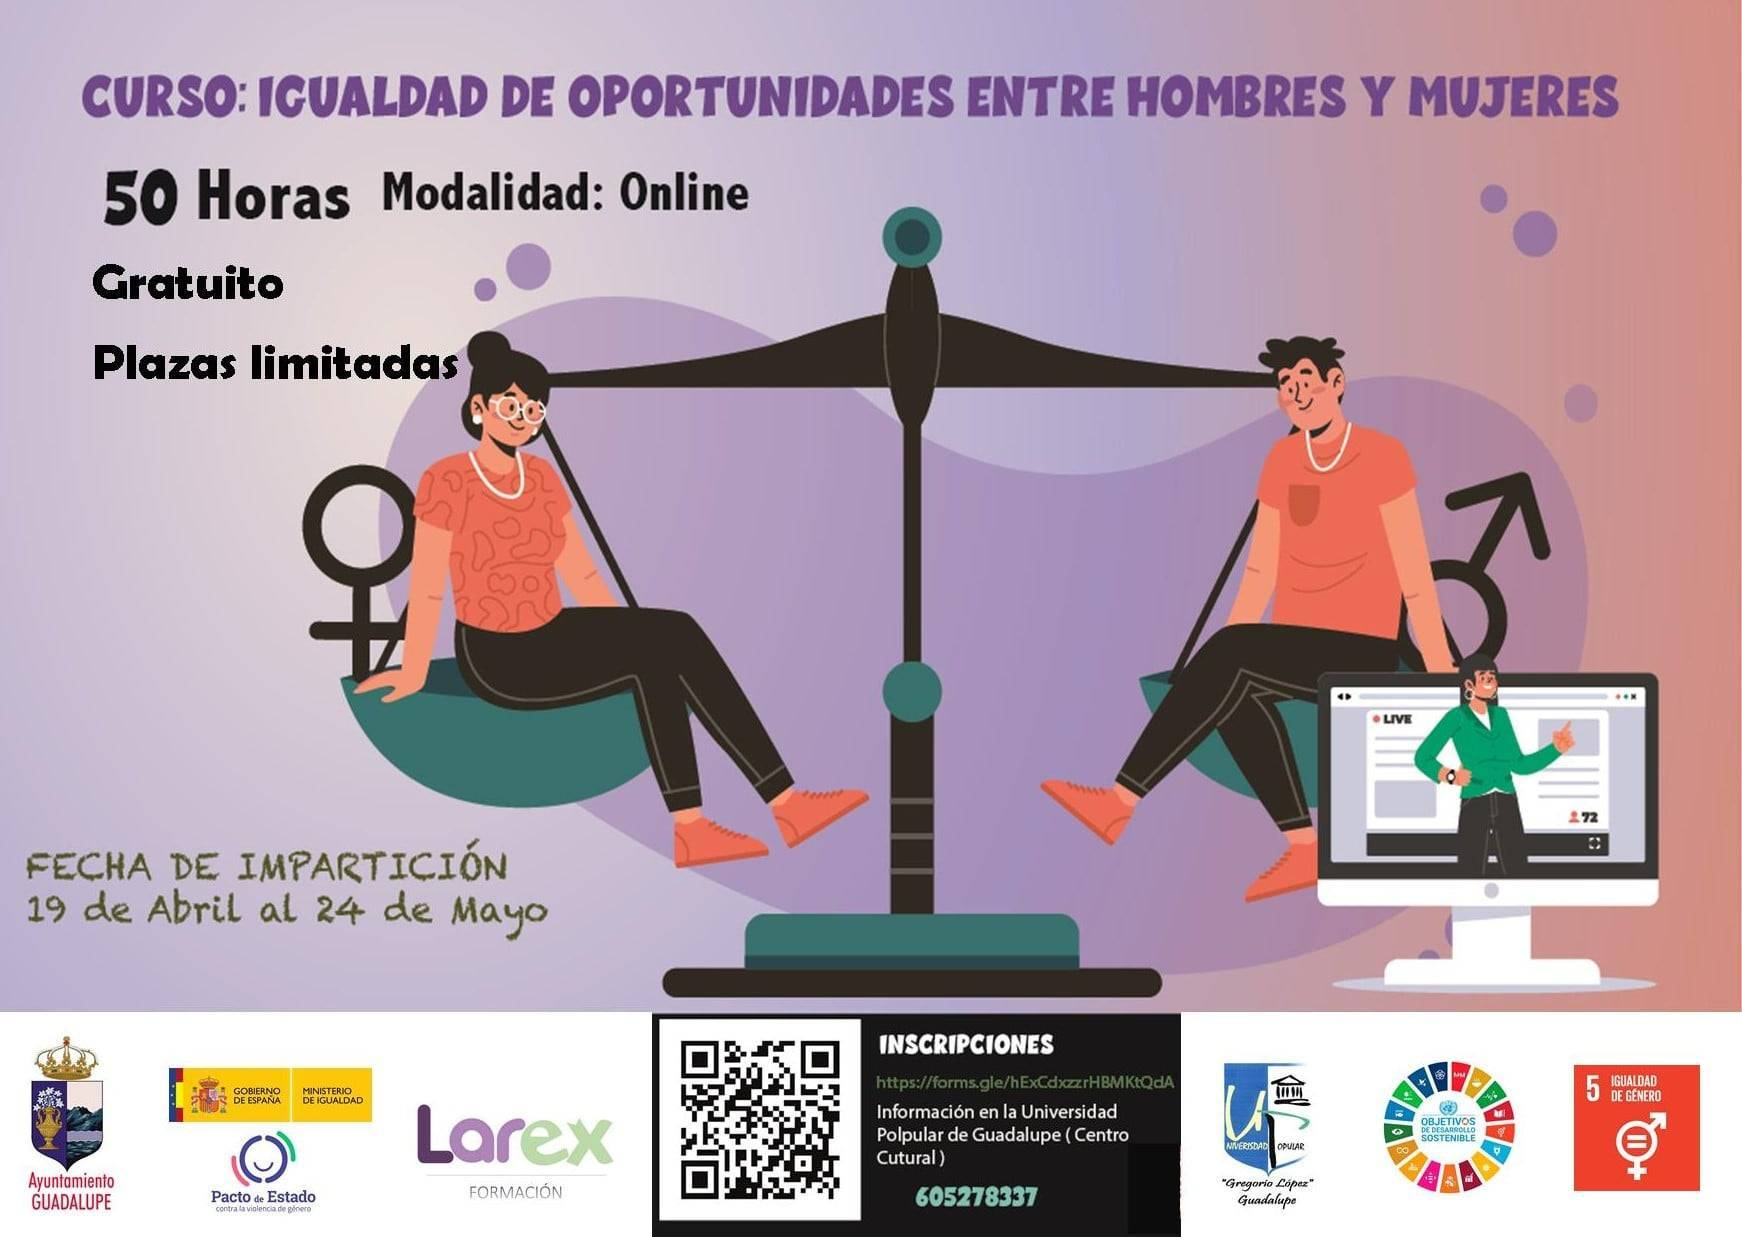 Curso de igualdad de oportunidades entre hombres y mujeres (2021) - Guadalupe (Cáceres)